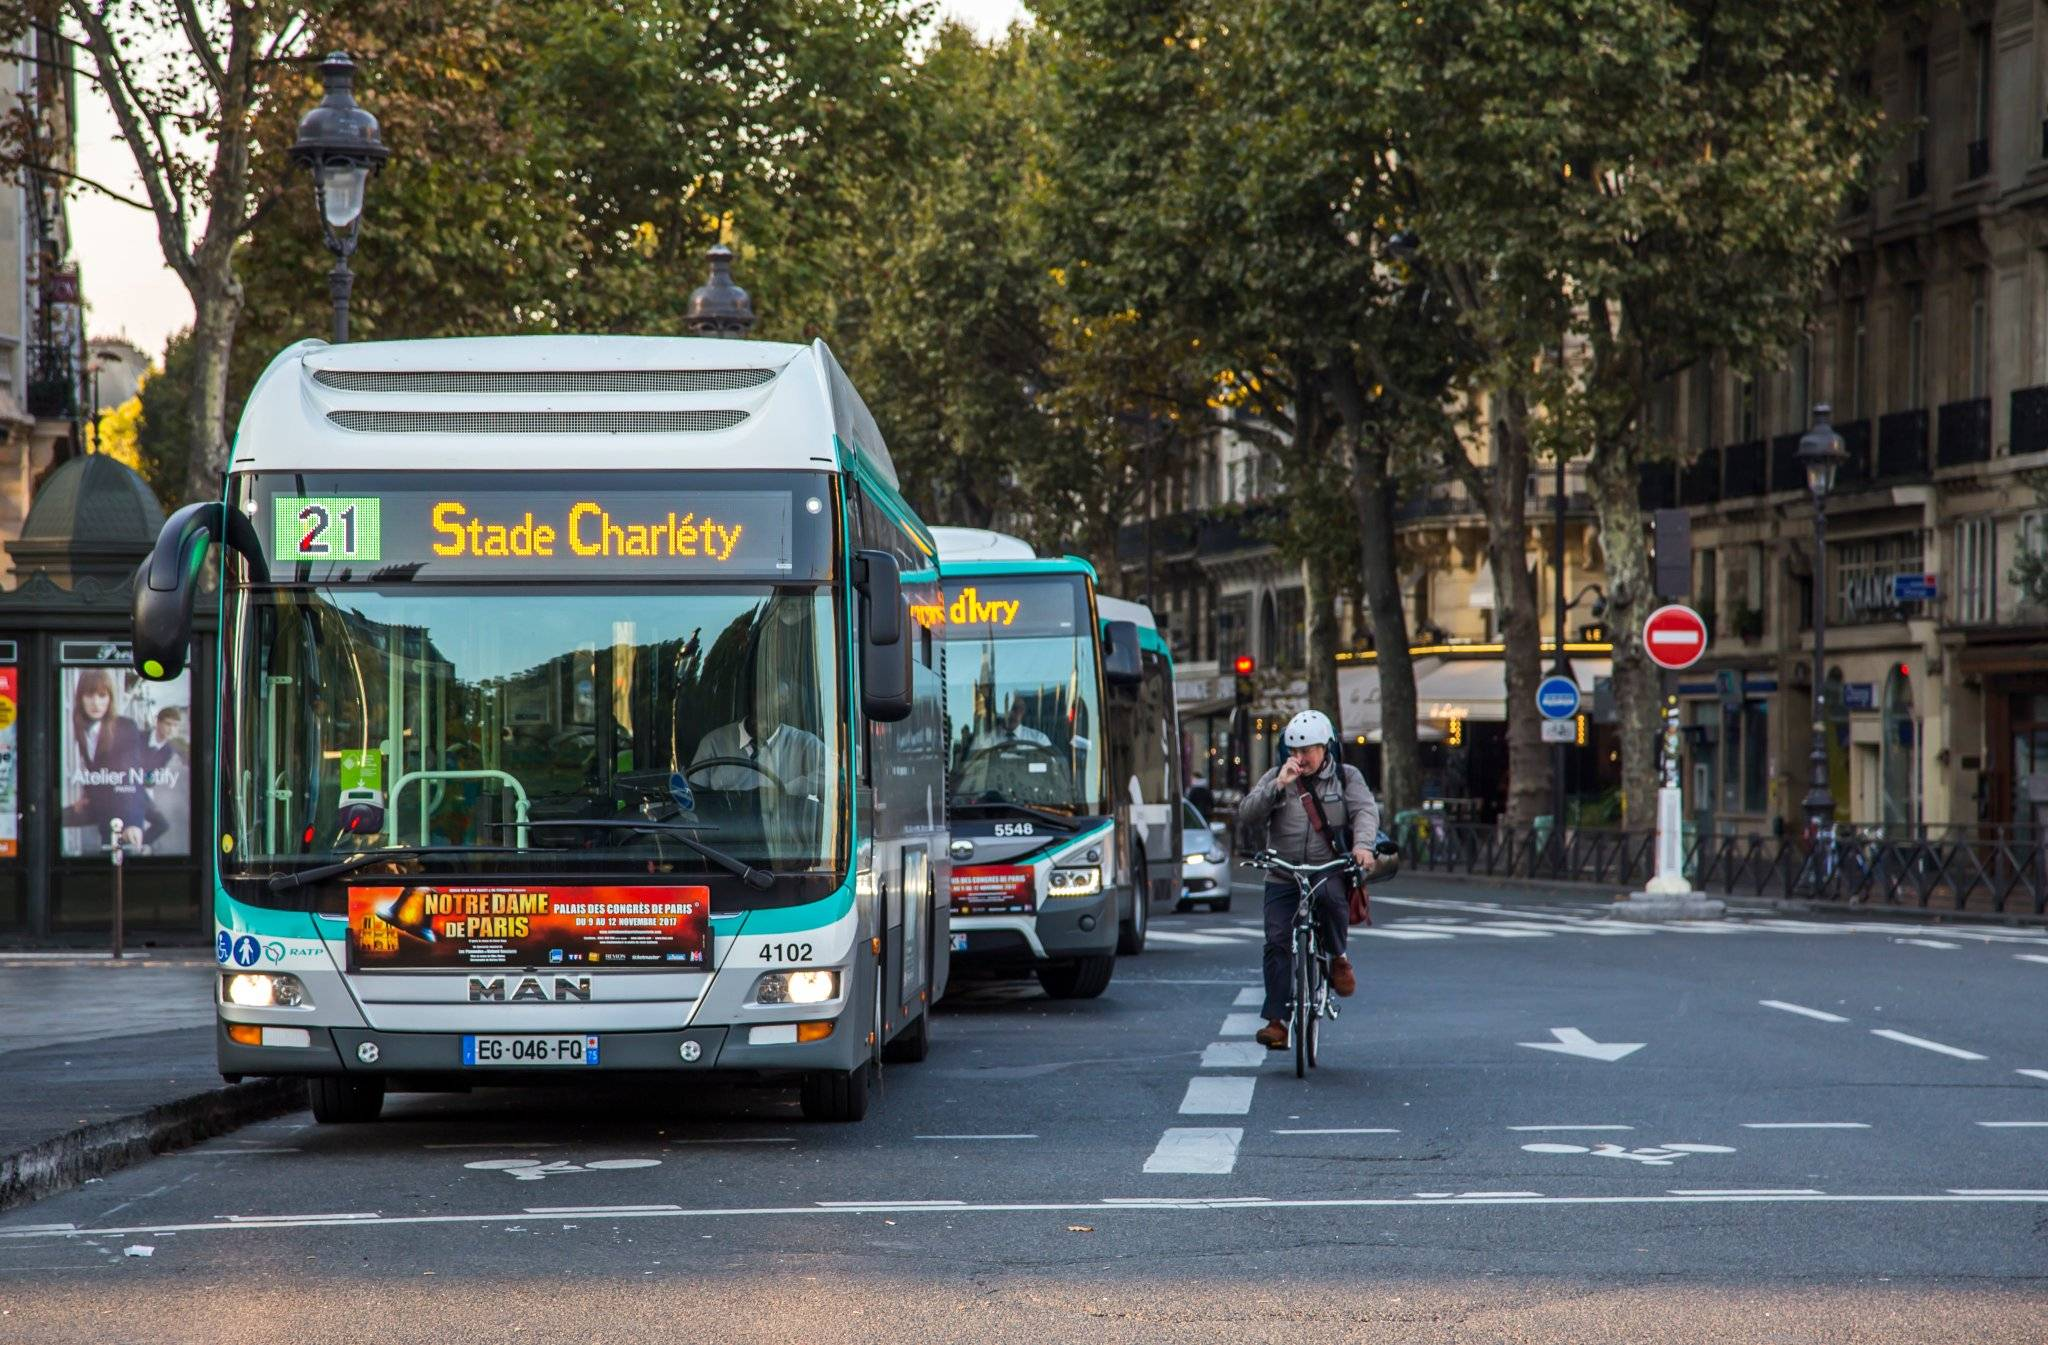 Общественный транспорт в париже 2021: метро, автобусы, rer. такси в париже, аренда авто и велосипеда. стоимость проезда, билеты